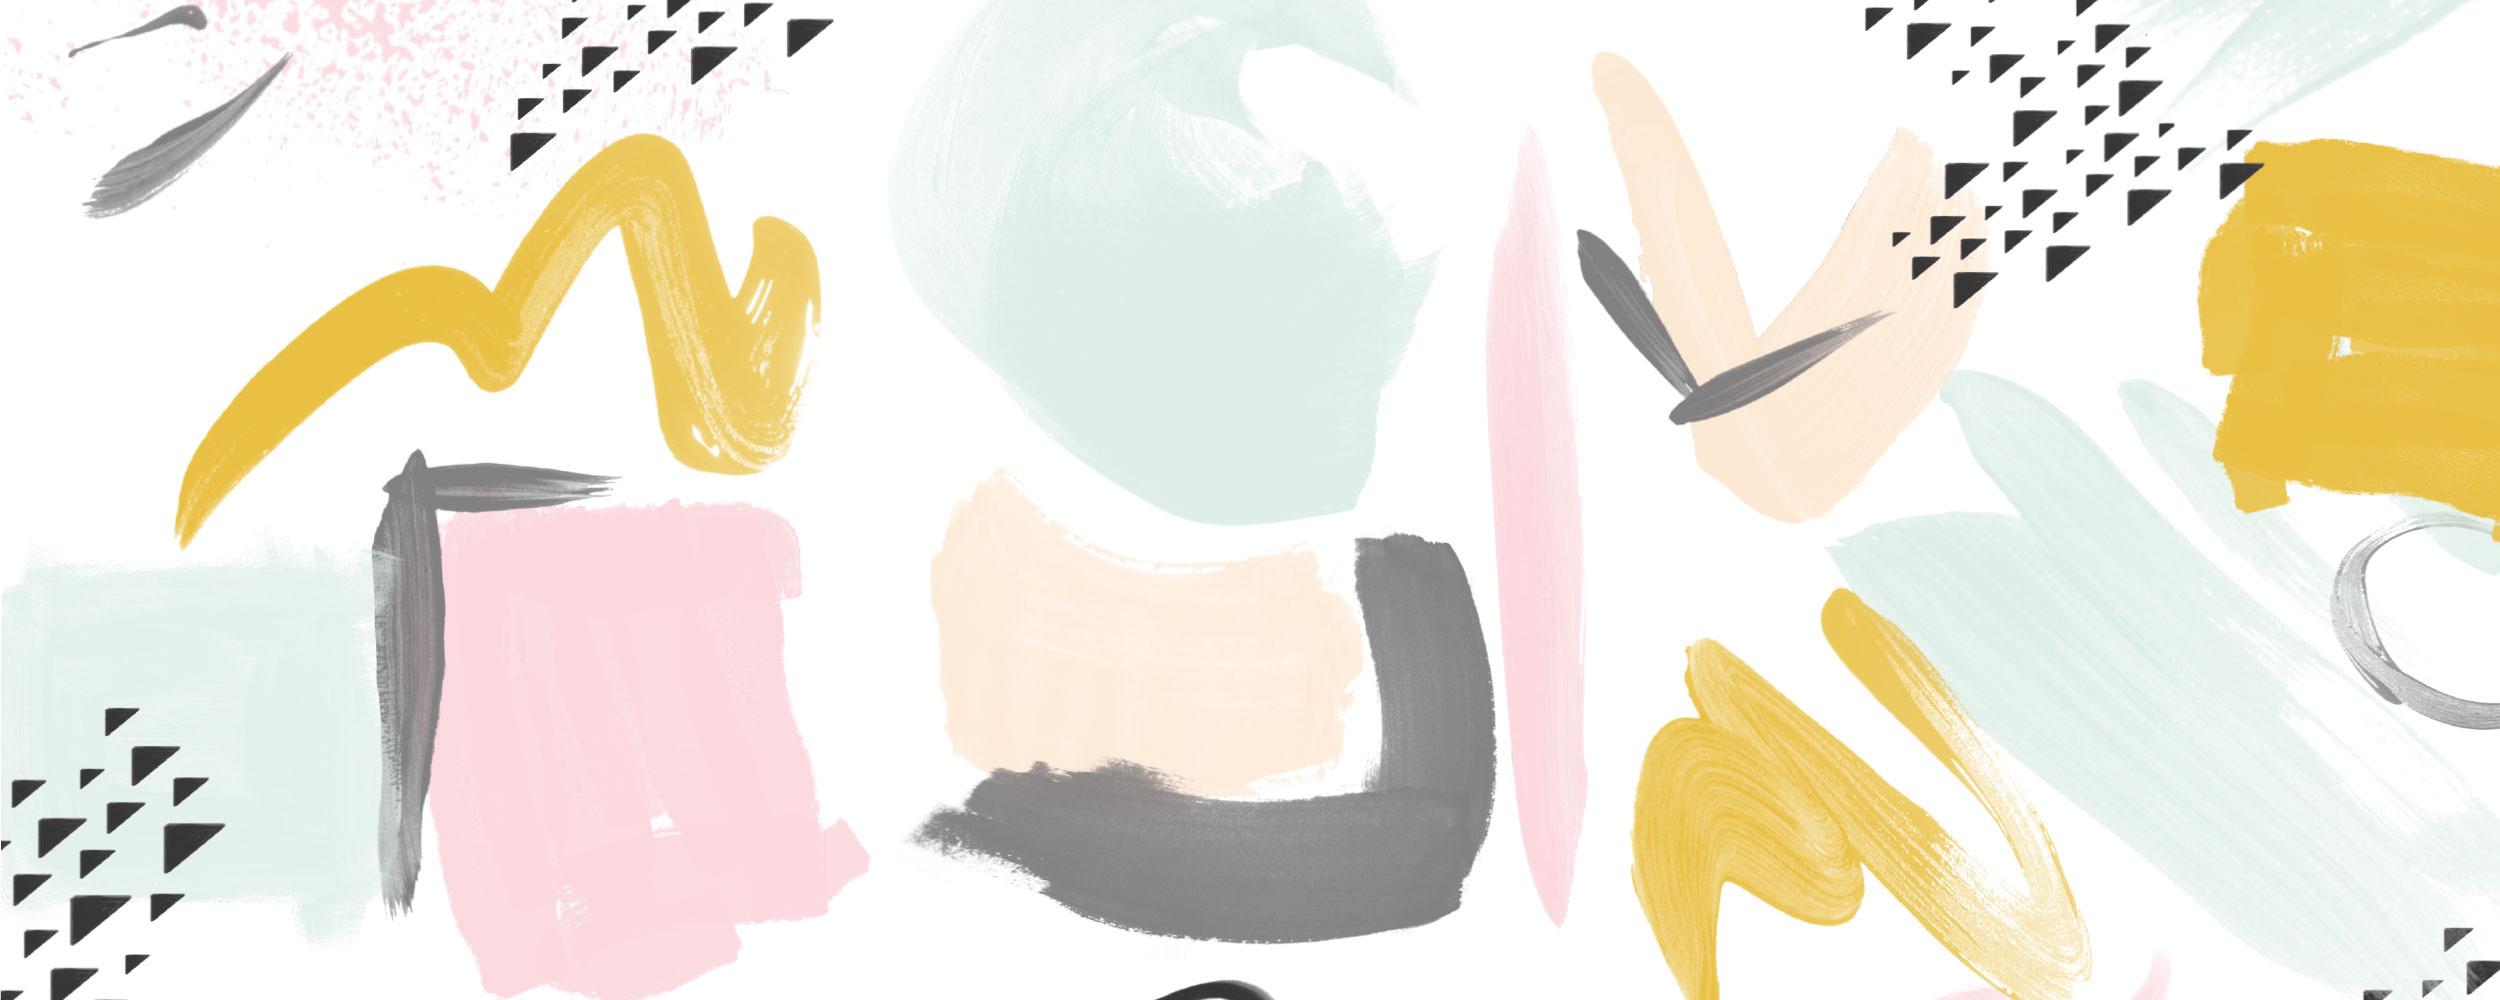 anna_schu_pattern.jpg